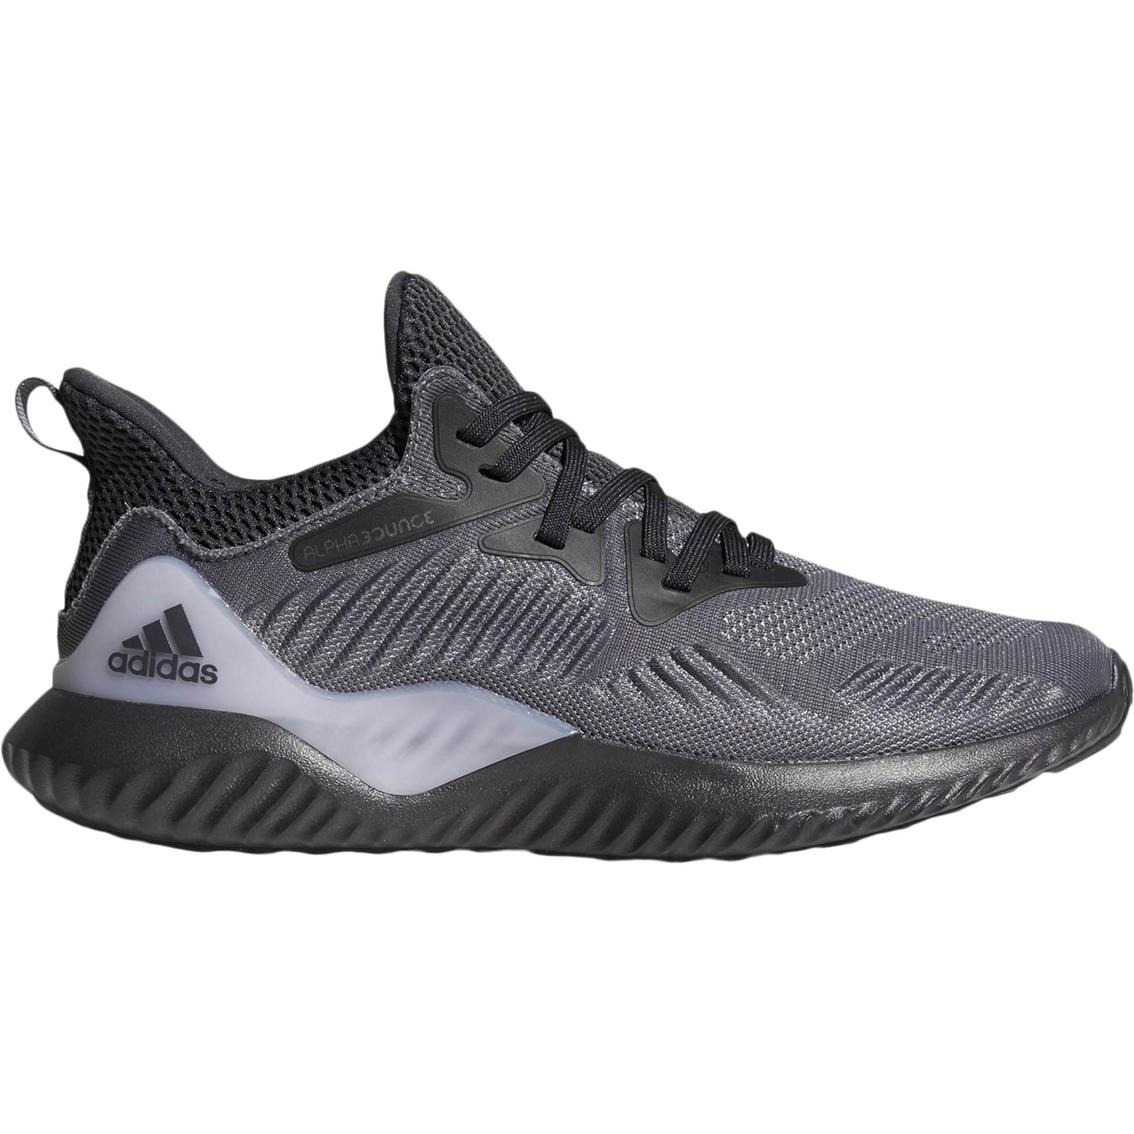 e4d0256c4 Adidas Women s Alphabounce Beyond Running Shoes